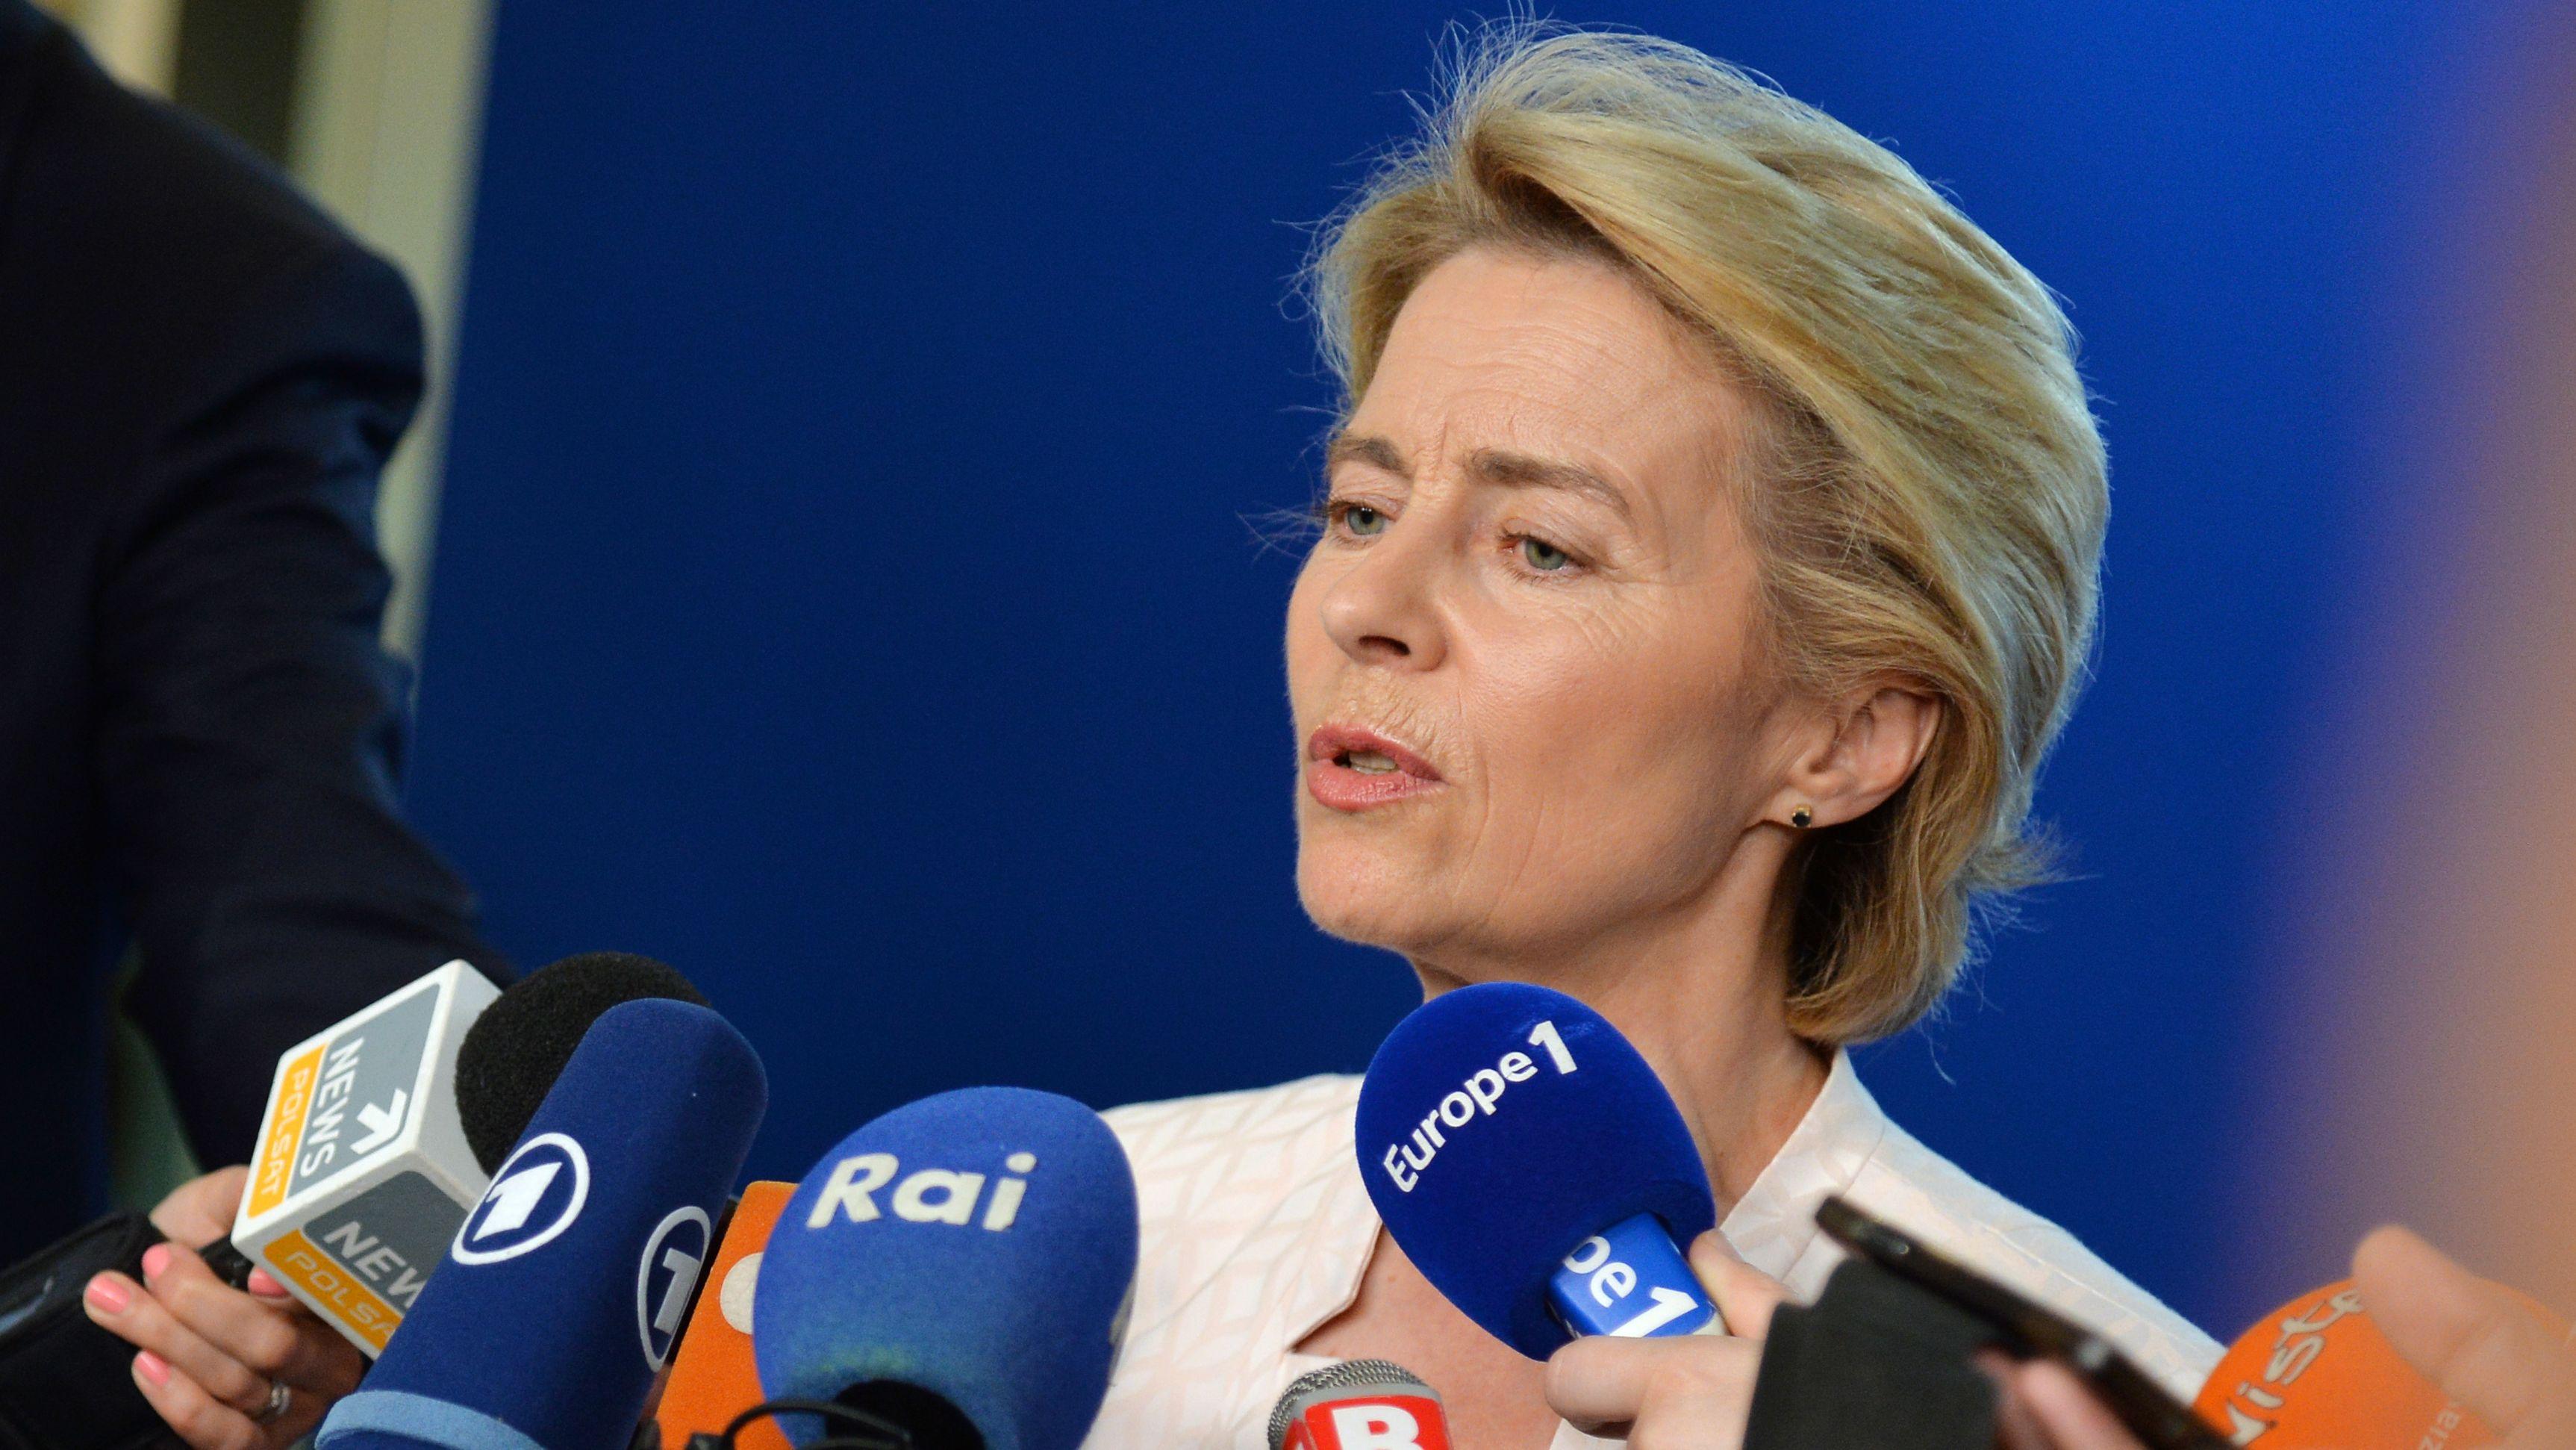 Noch-Verteidigungsministerin Ursula von der Leyen gibt in Straßburg ein Interview.